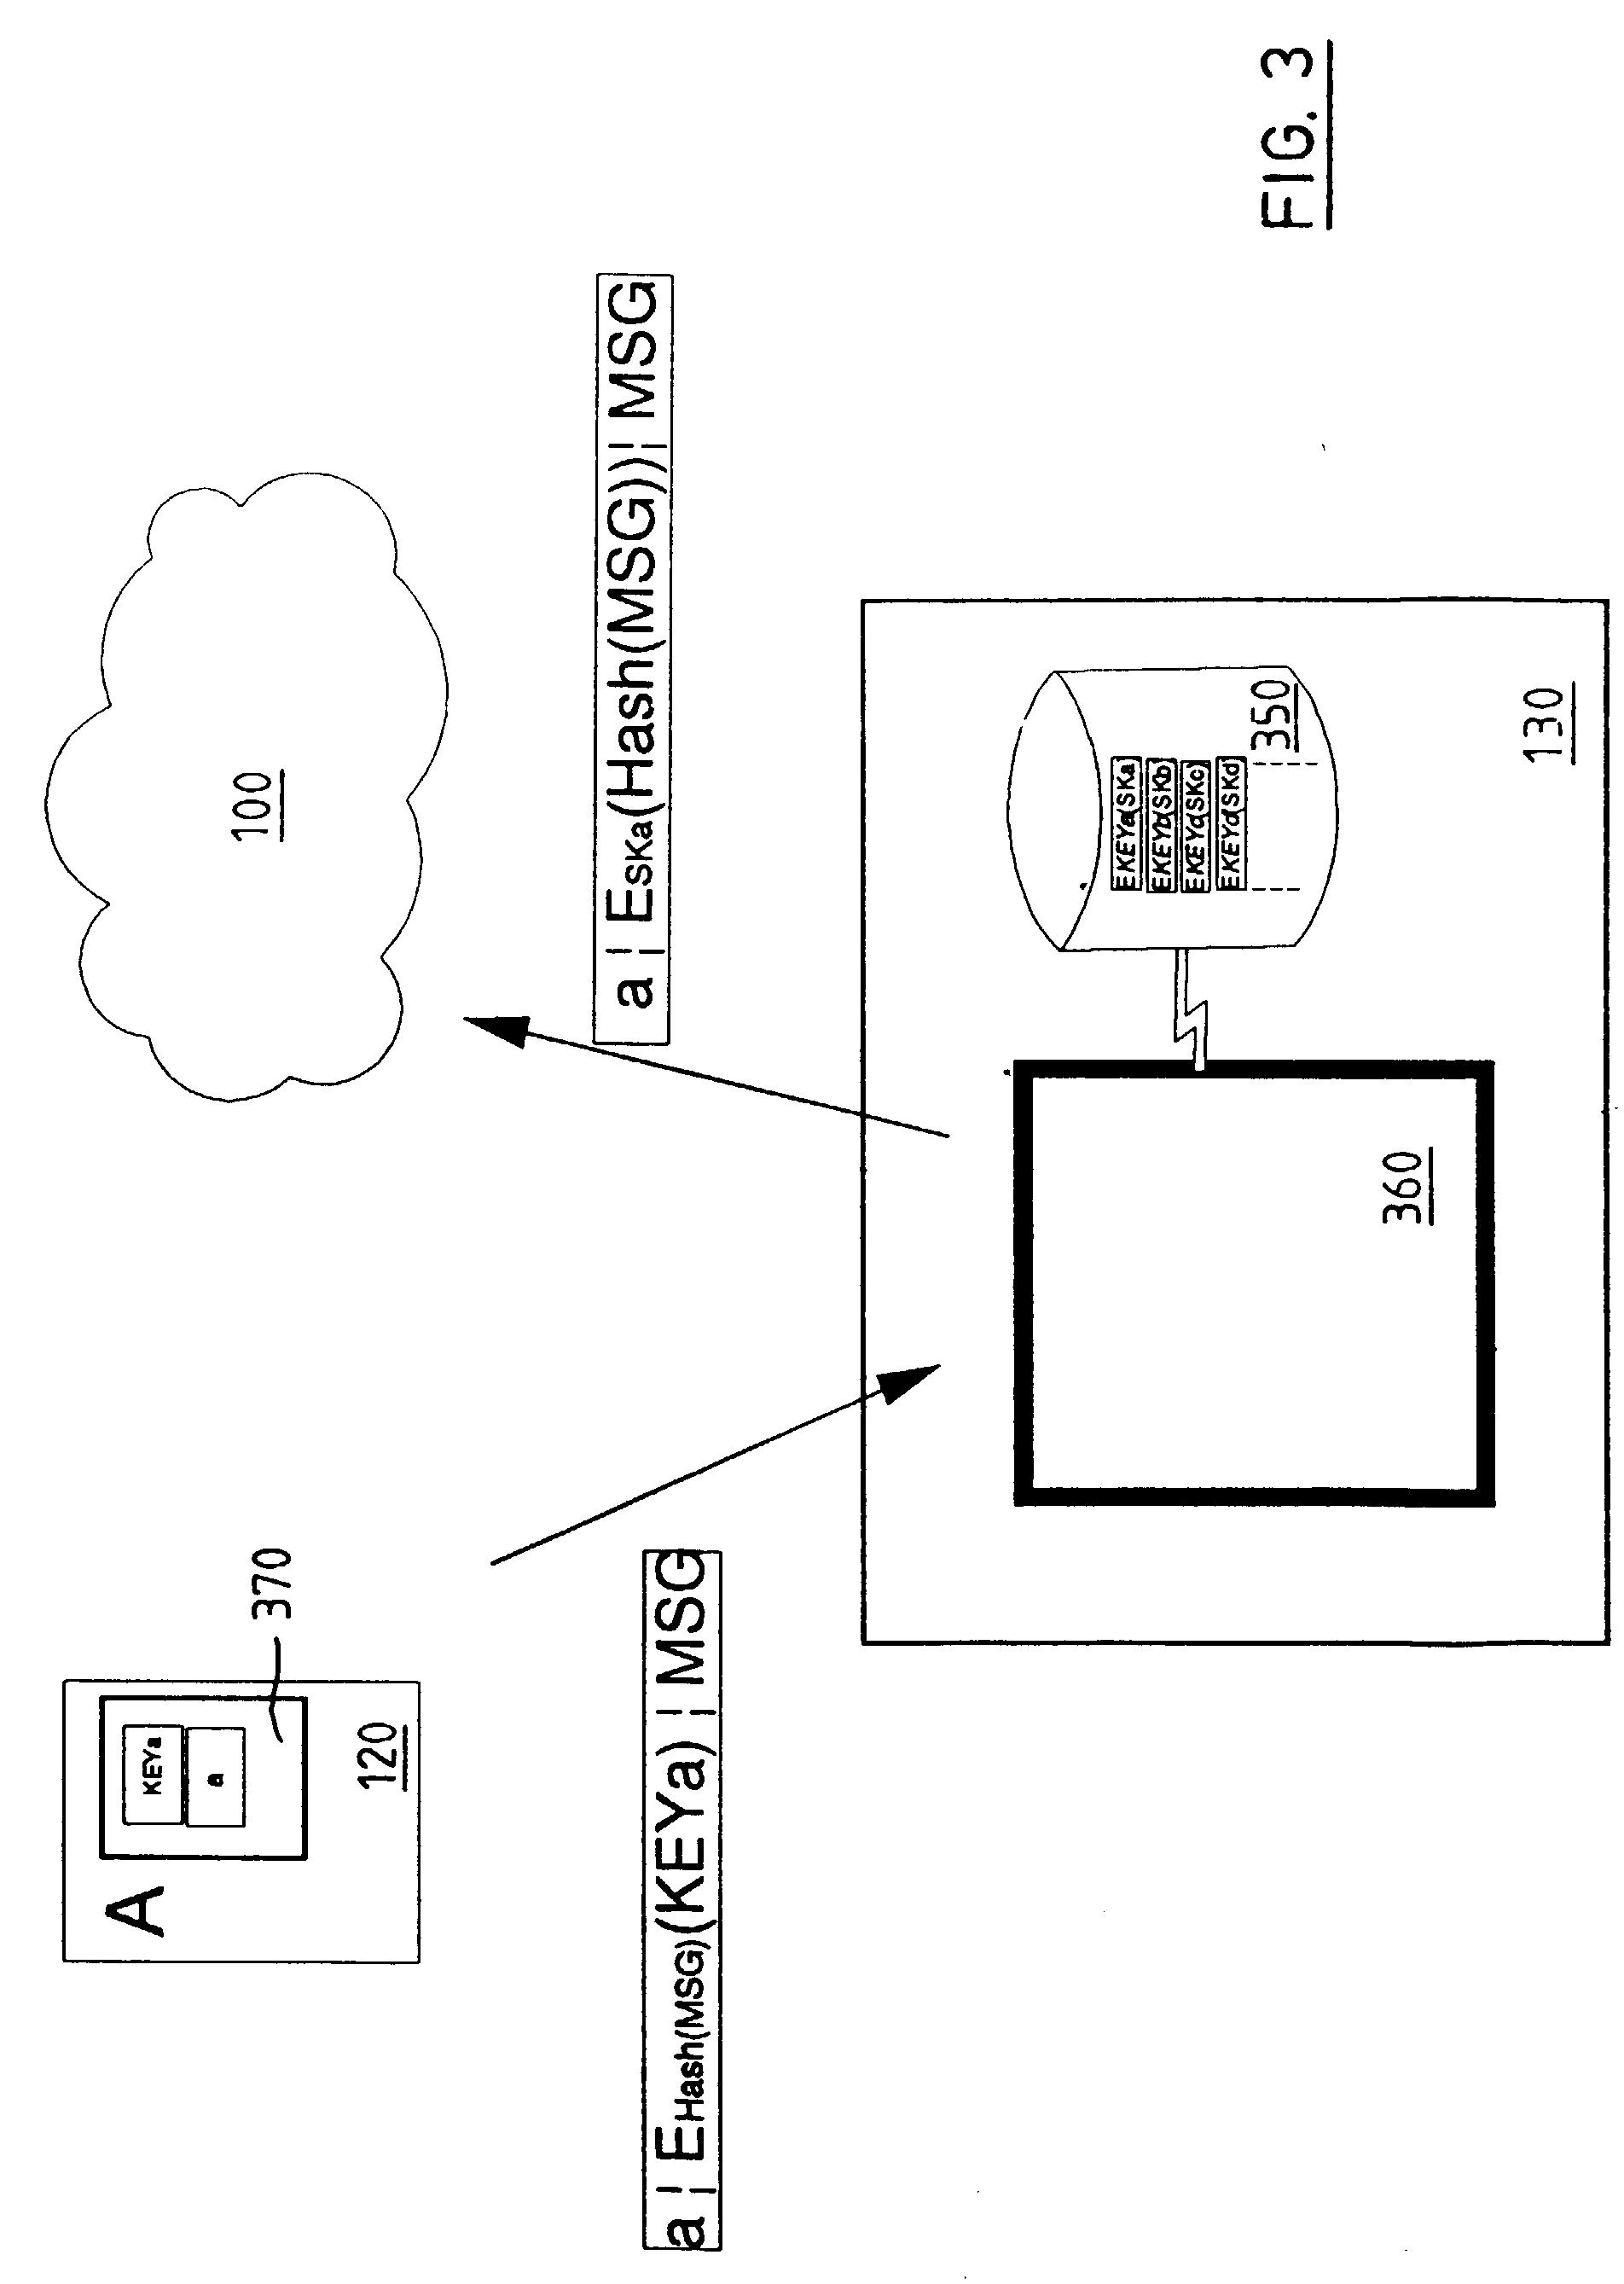 专利ep0725512a2 - data